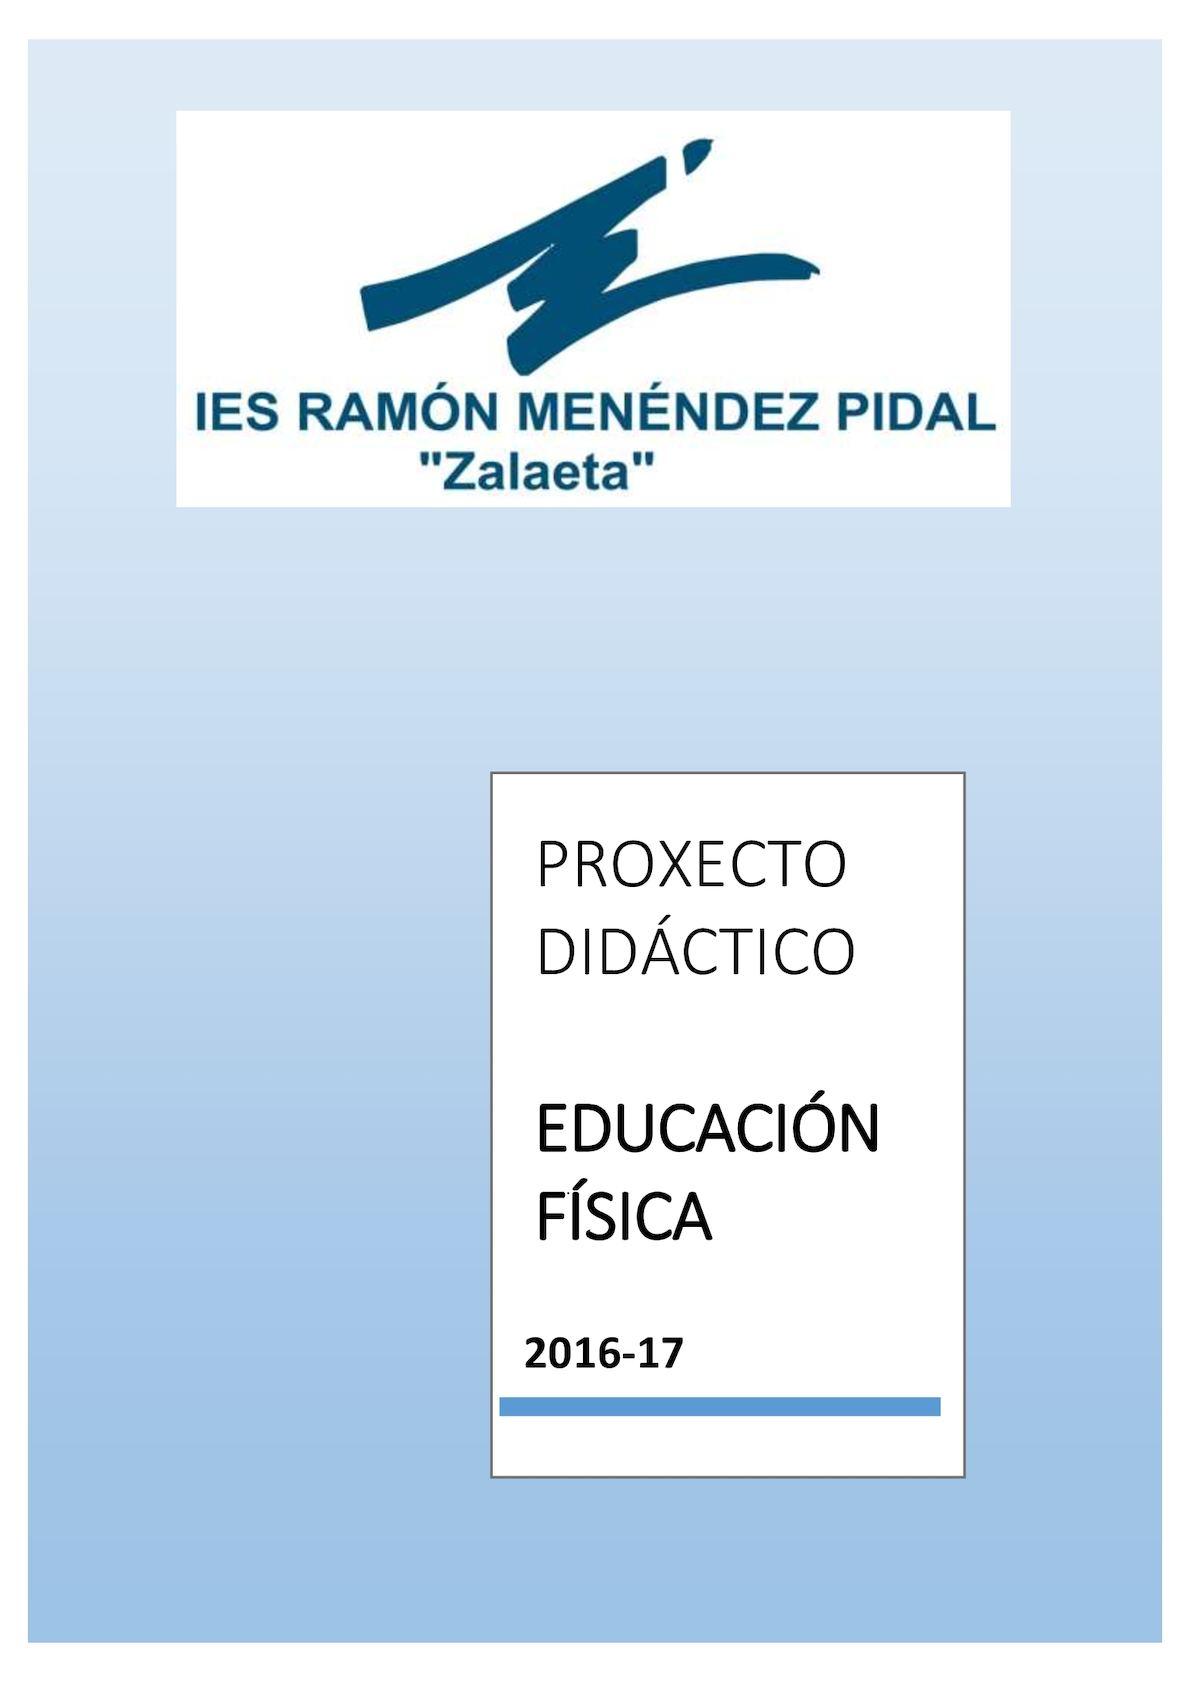 Programación Ef 2016 17 Zalaeta